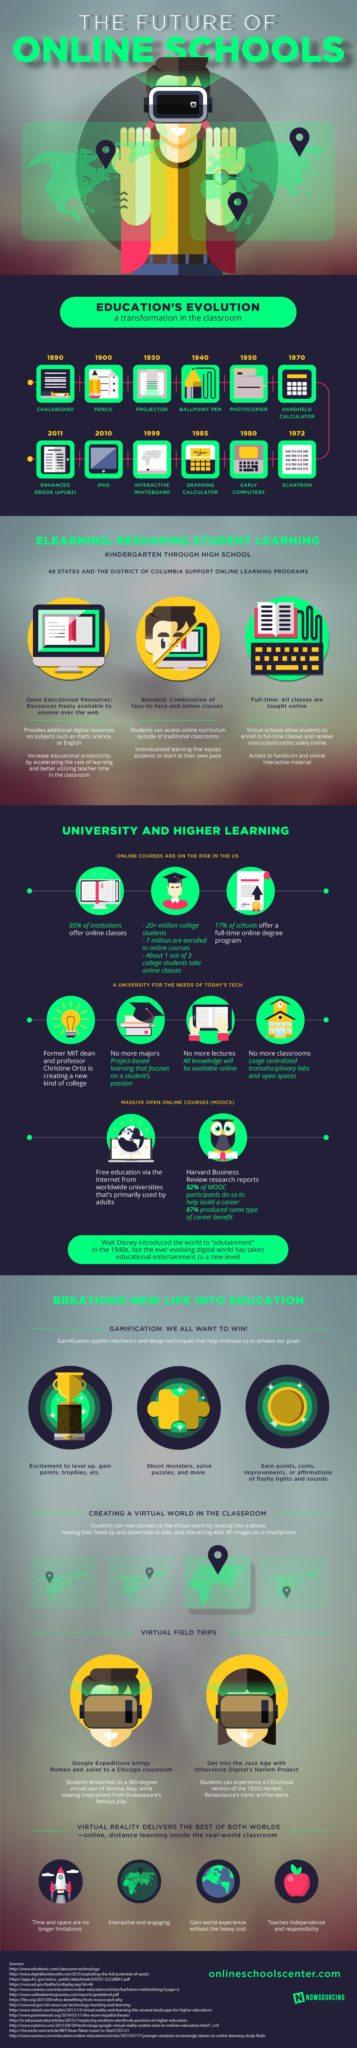 future-of-online-schools